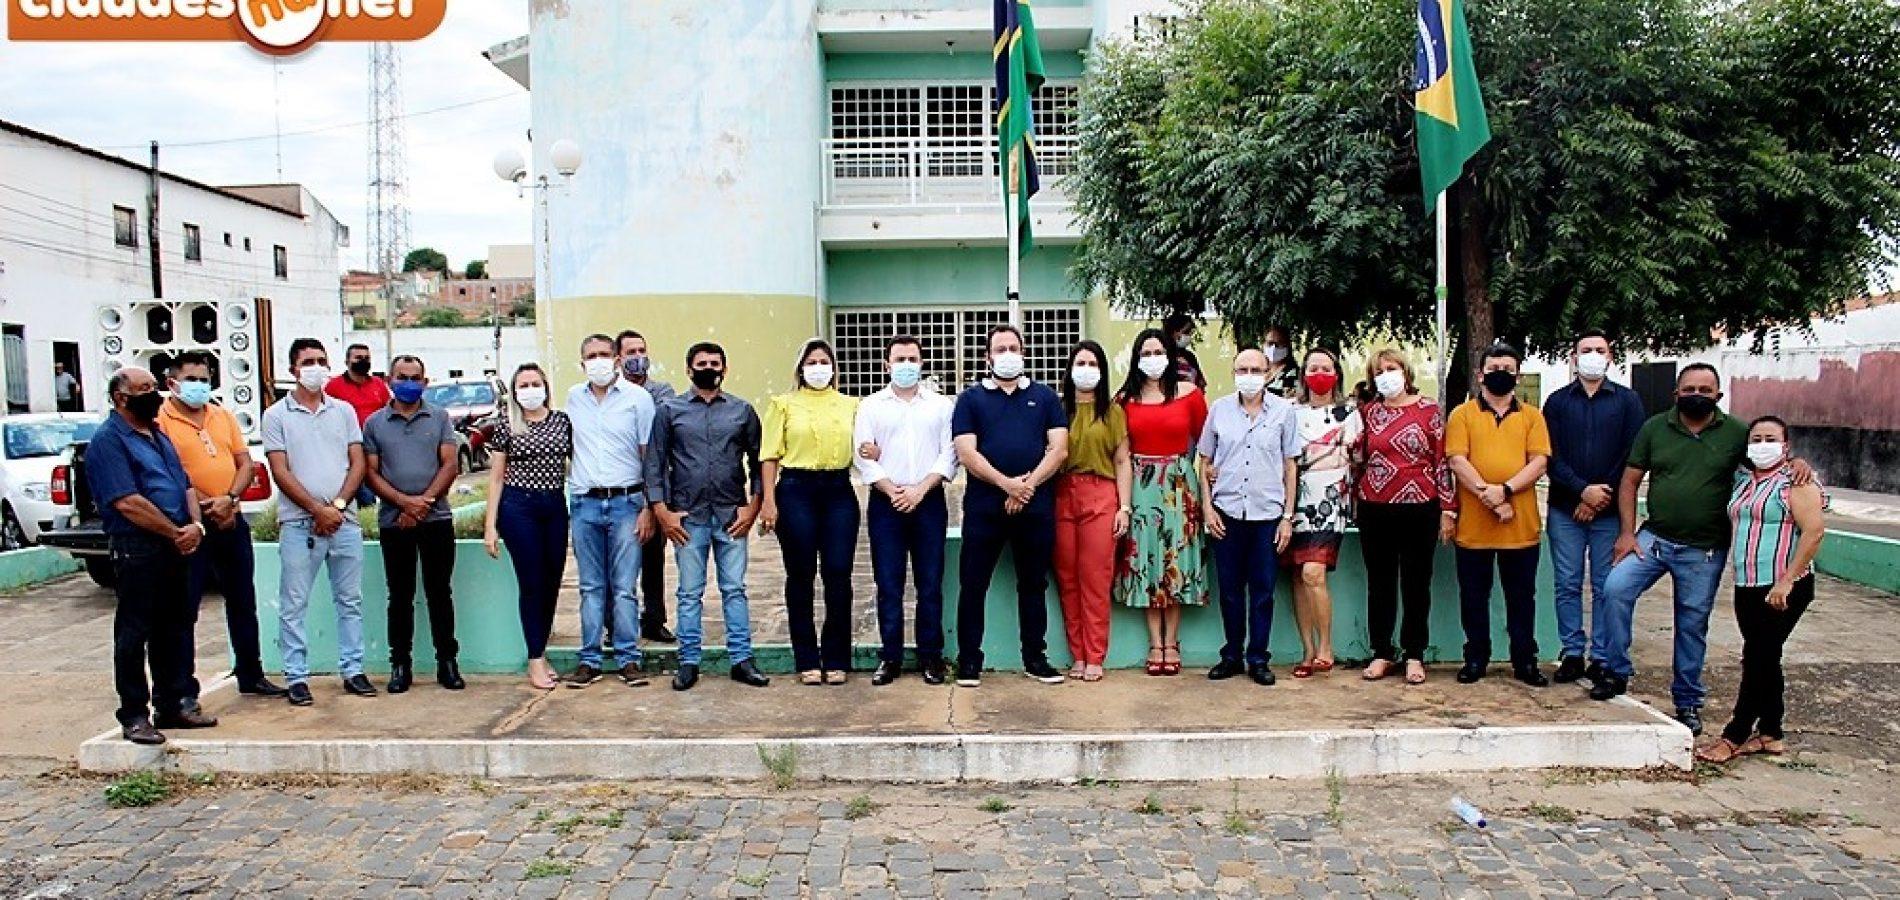 BOCAINA 57 ANOS   Solenidade Cívica marca o aniversário de emancipação política; fotos